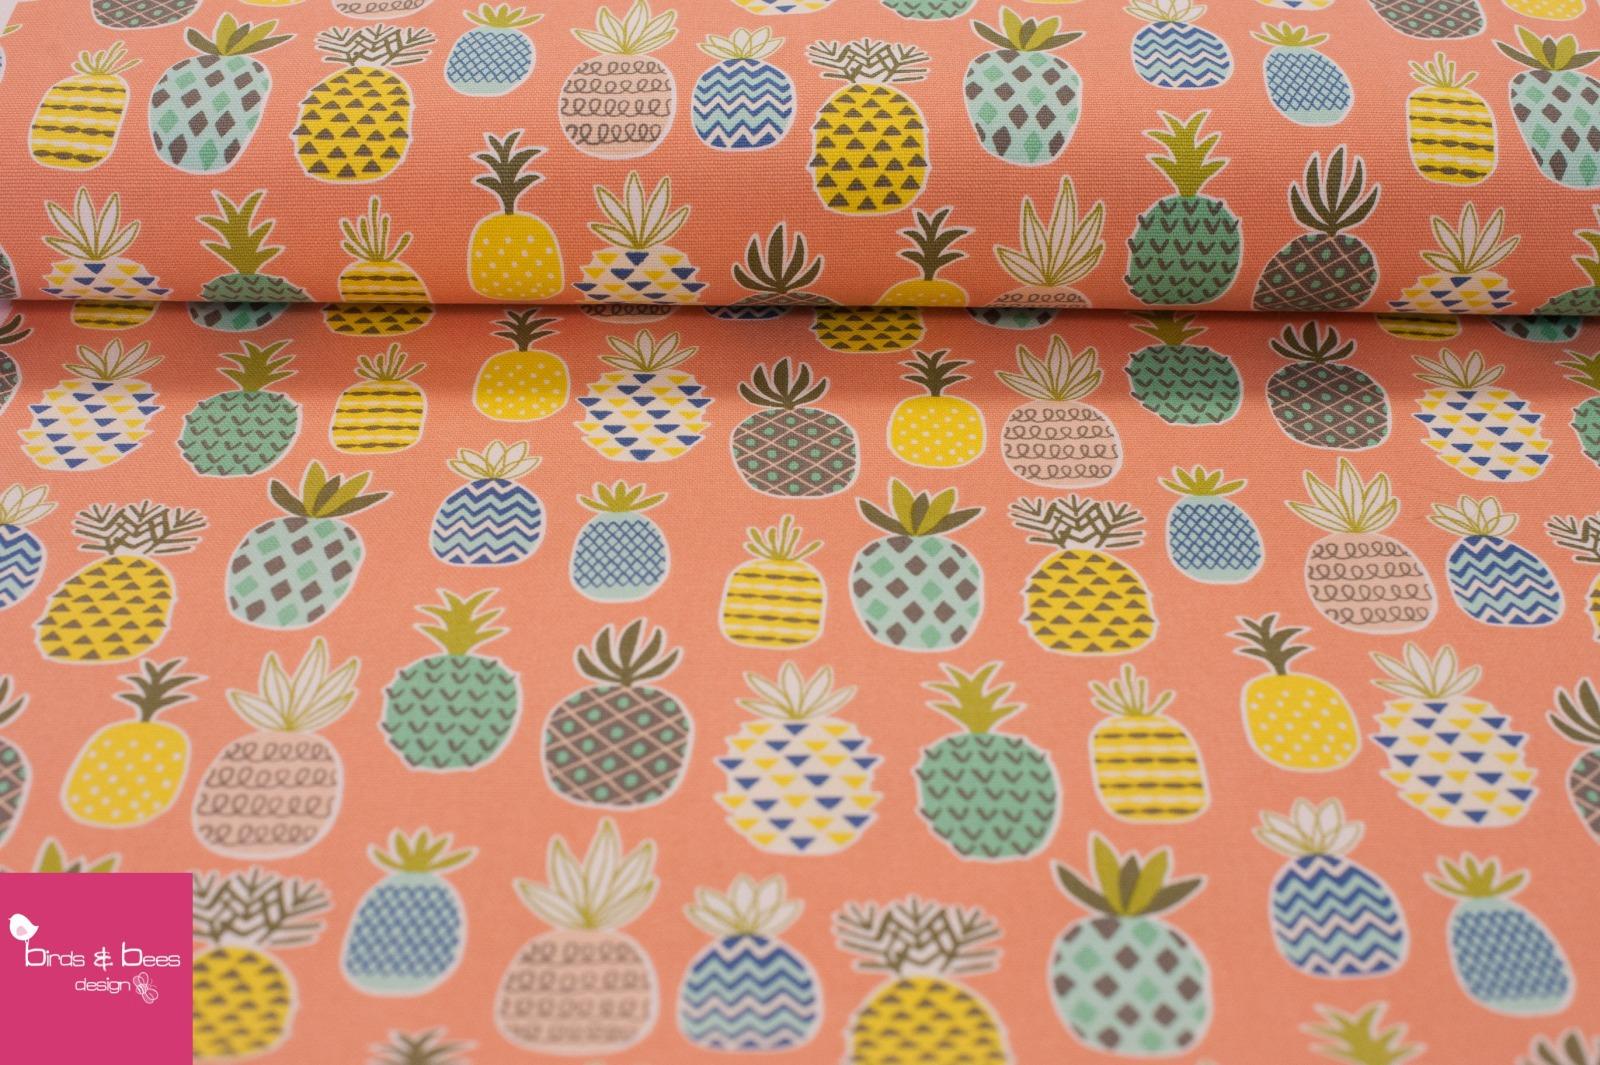 Pineapple Canvas peach 3